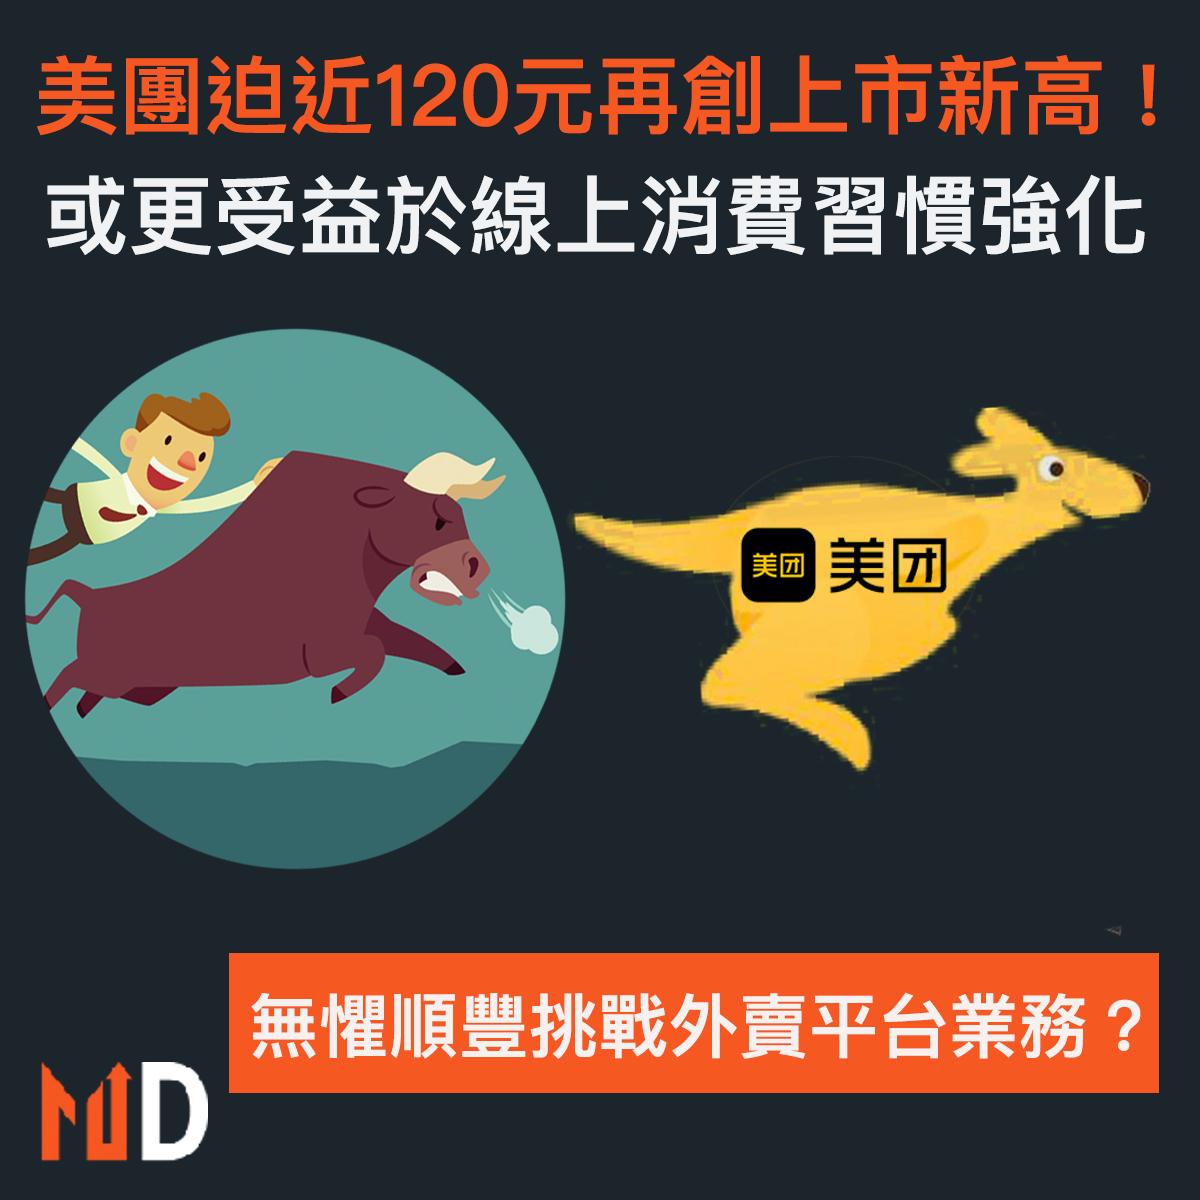 【市場熱話】美團再創上市新高!單日升7%迫近120元